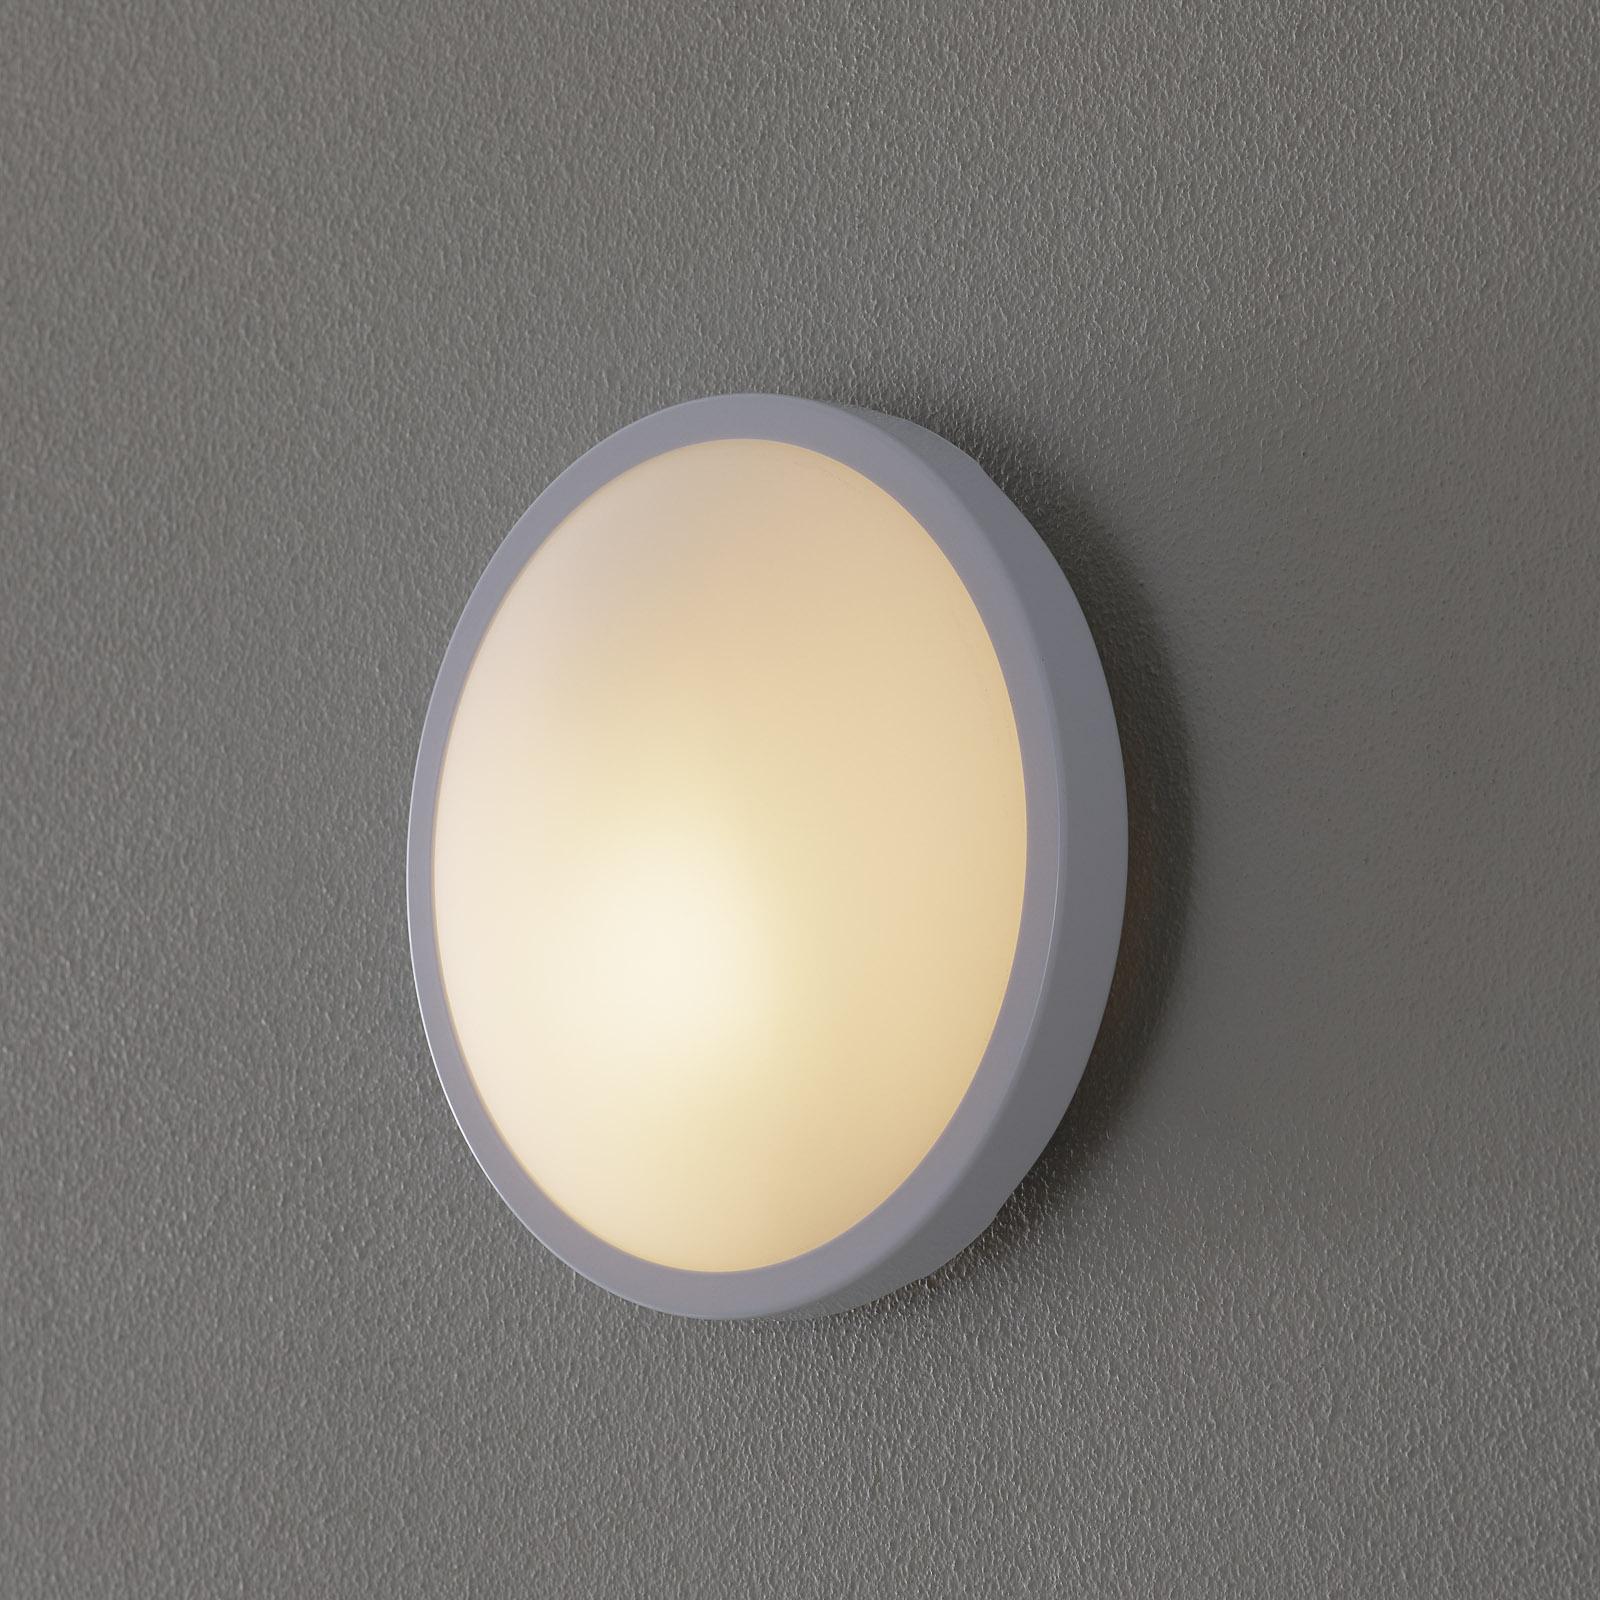 Hvit PLAZA taklampe og vegglampe i glass 21,5cm